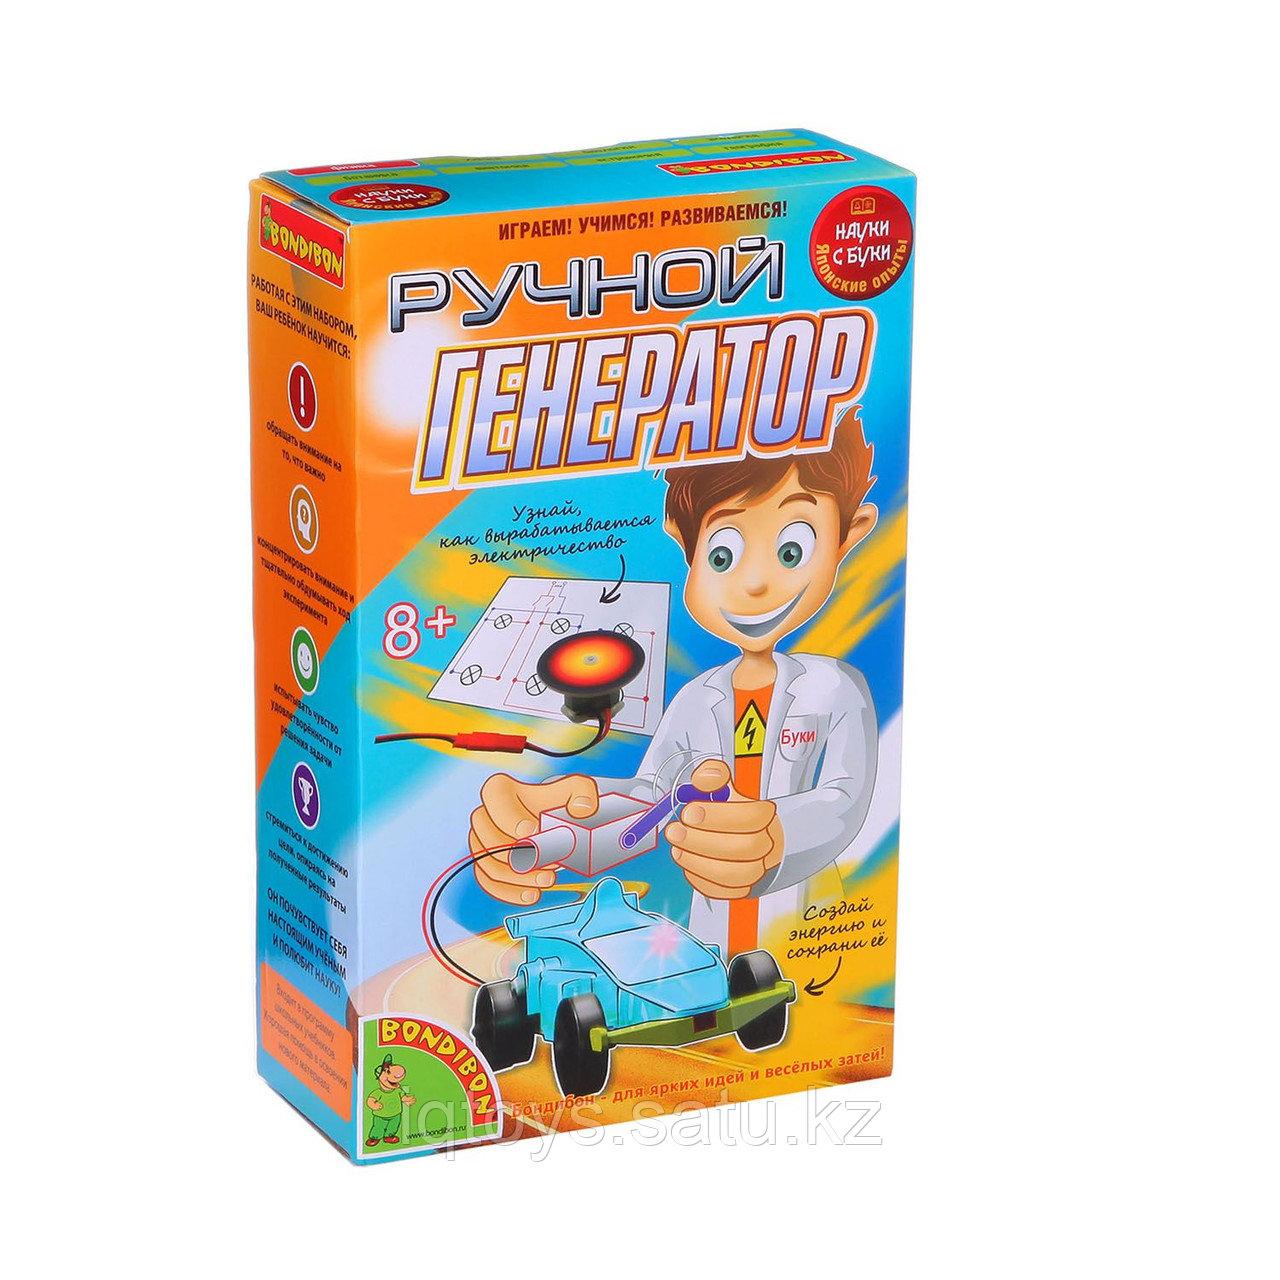 Настольная игра Ручной генератор Бондибон (Bondibon)